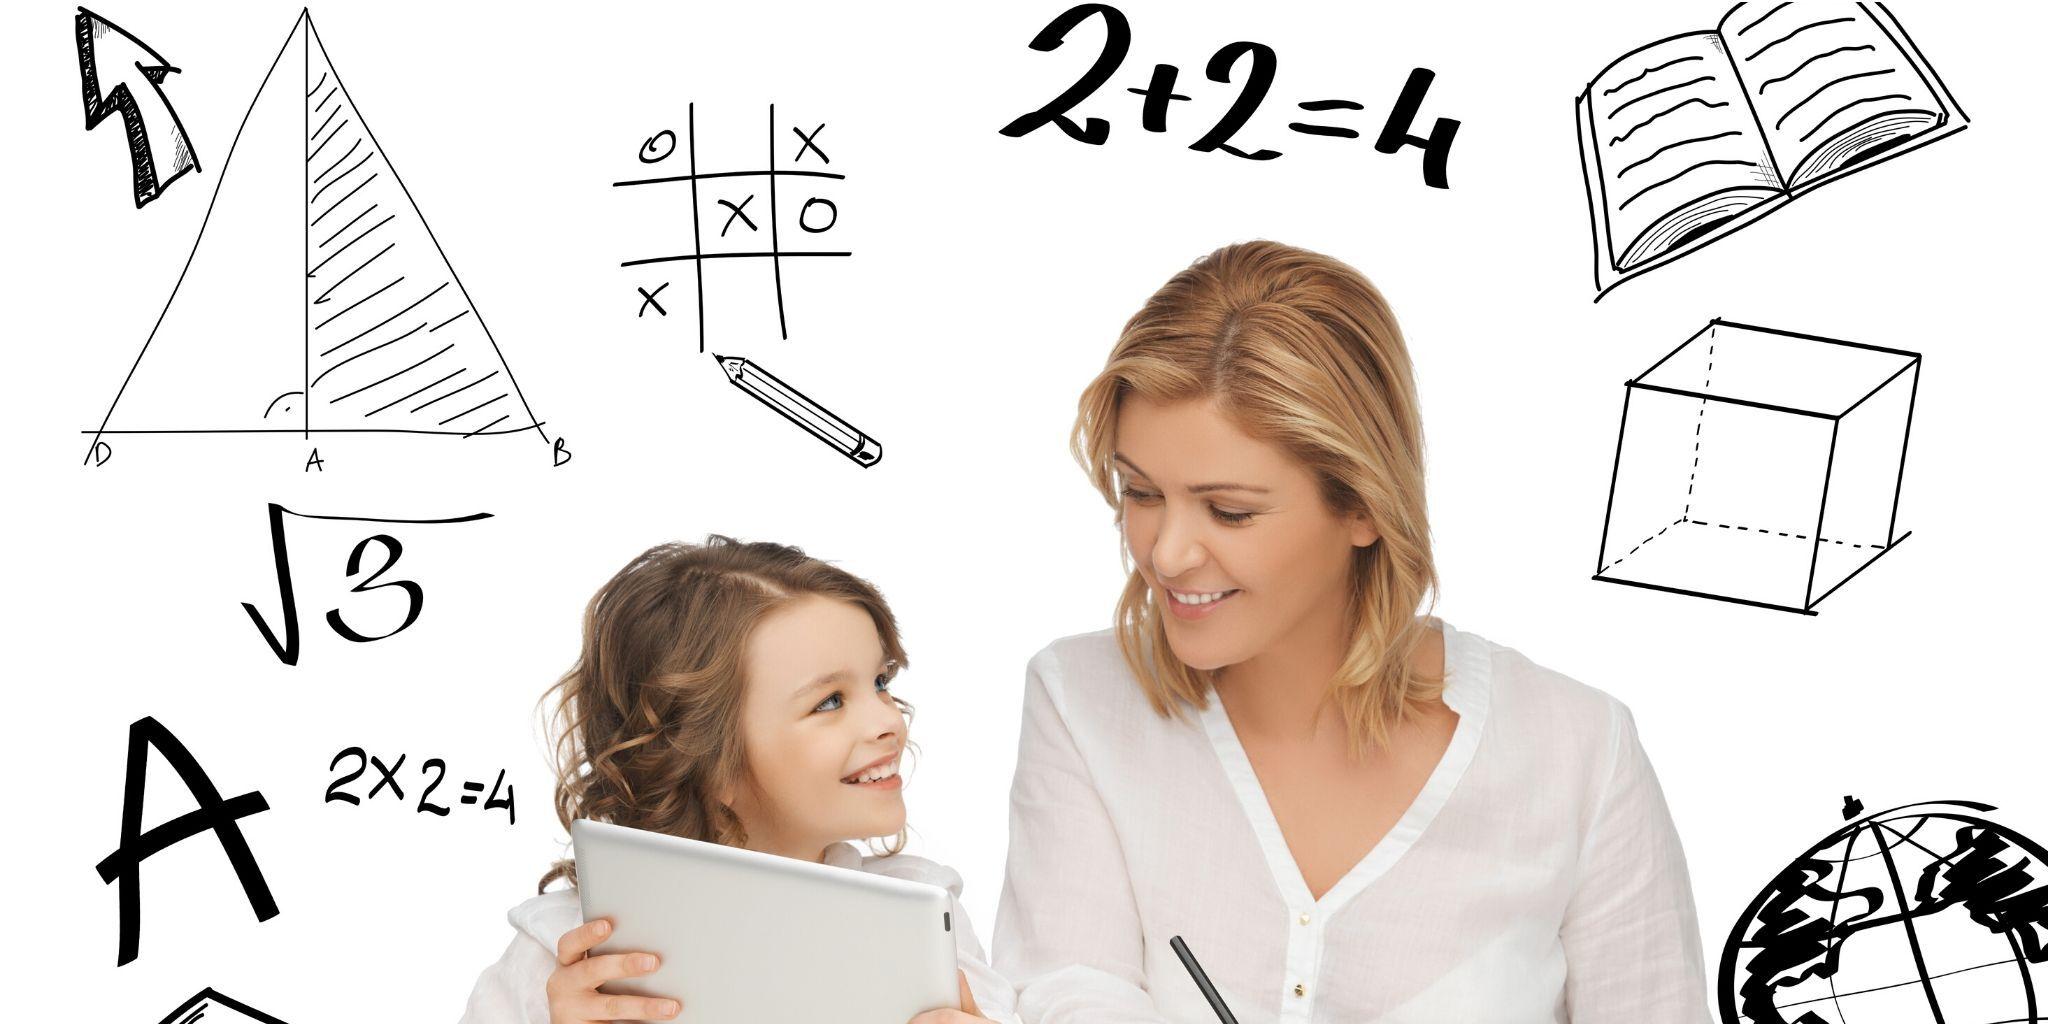 Näin teet matematiikan oppimisesta hauskaa!